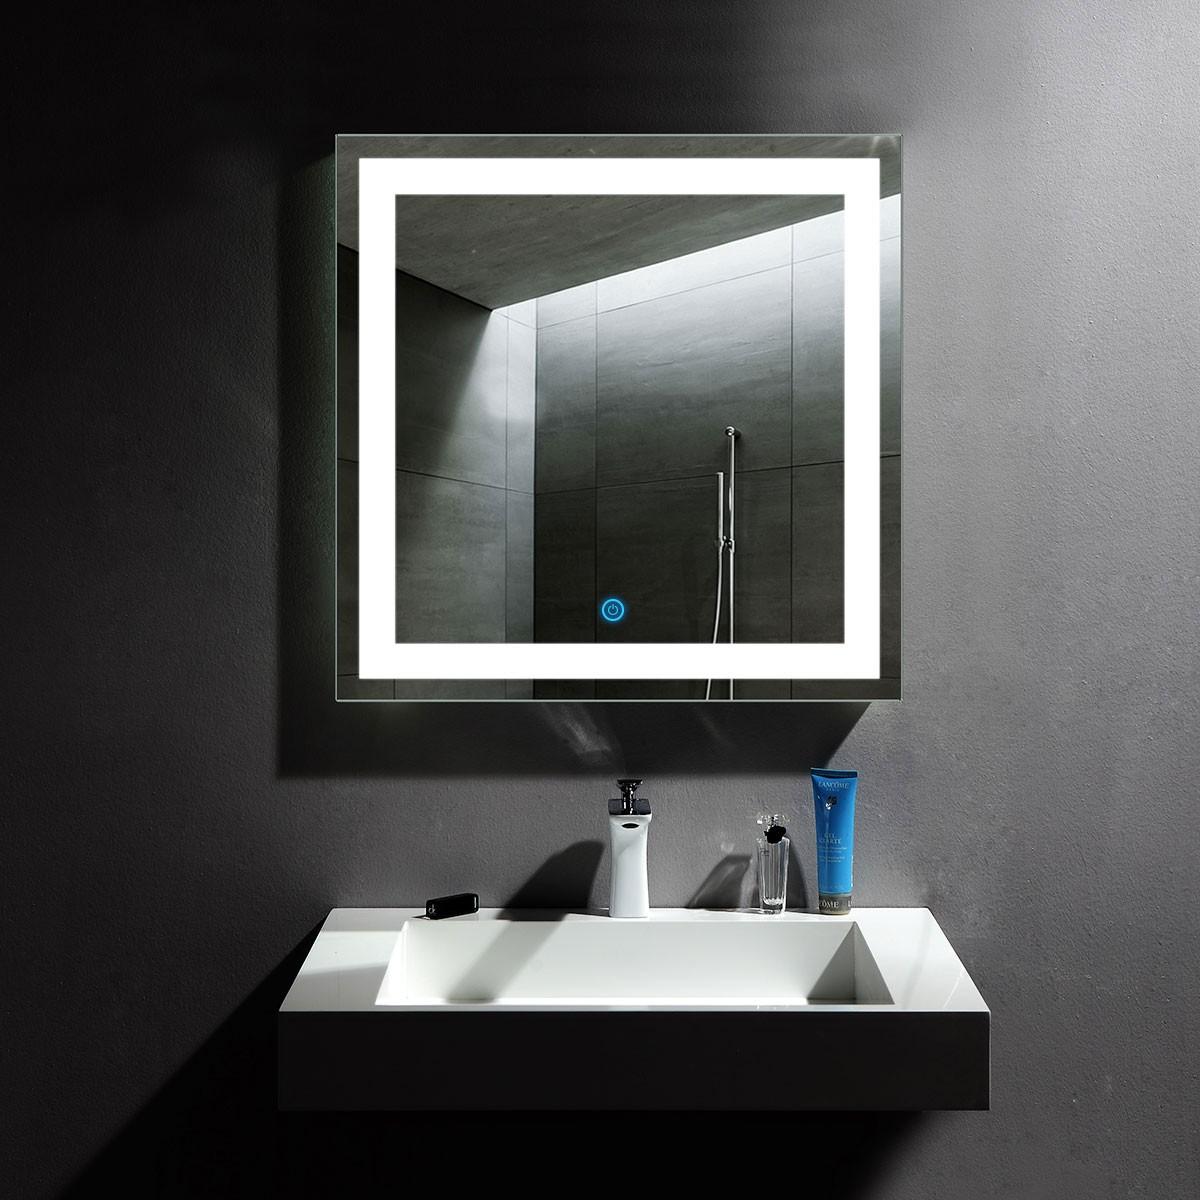 32 x 32 po miroir de salle de bain LED vertical avec bouton tactile (DK-OD-CK010-F)